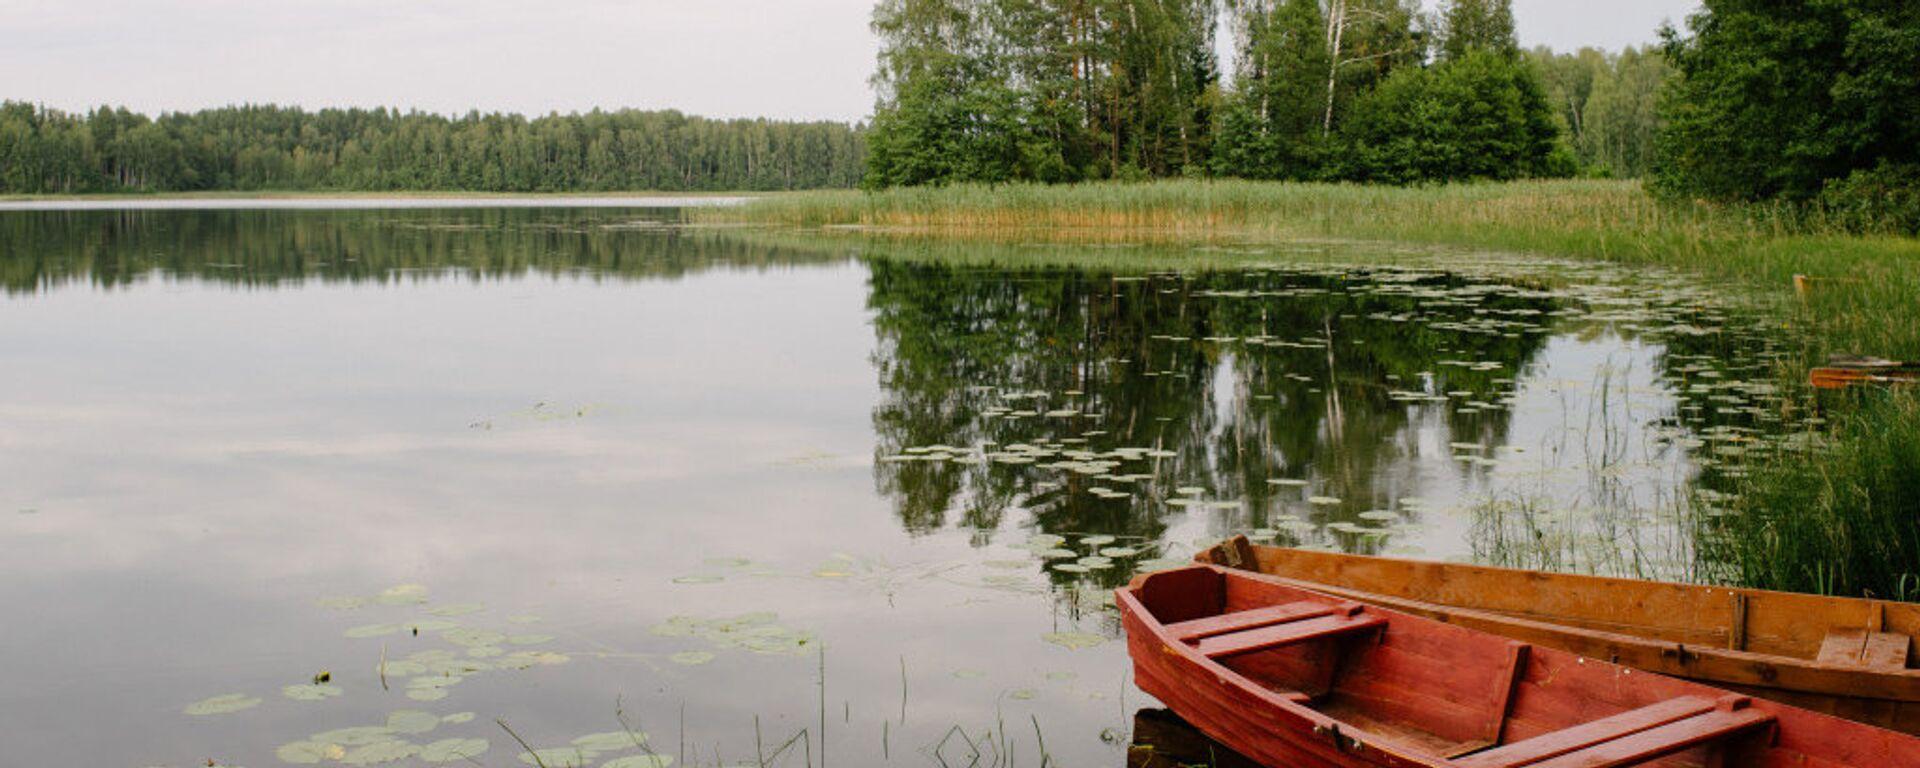 Лодки на лесном озере в Латгалии - Sputnik Латвия, 1920, 19.06.2021